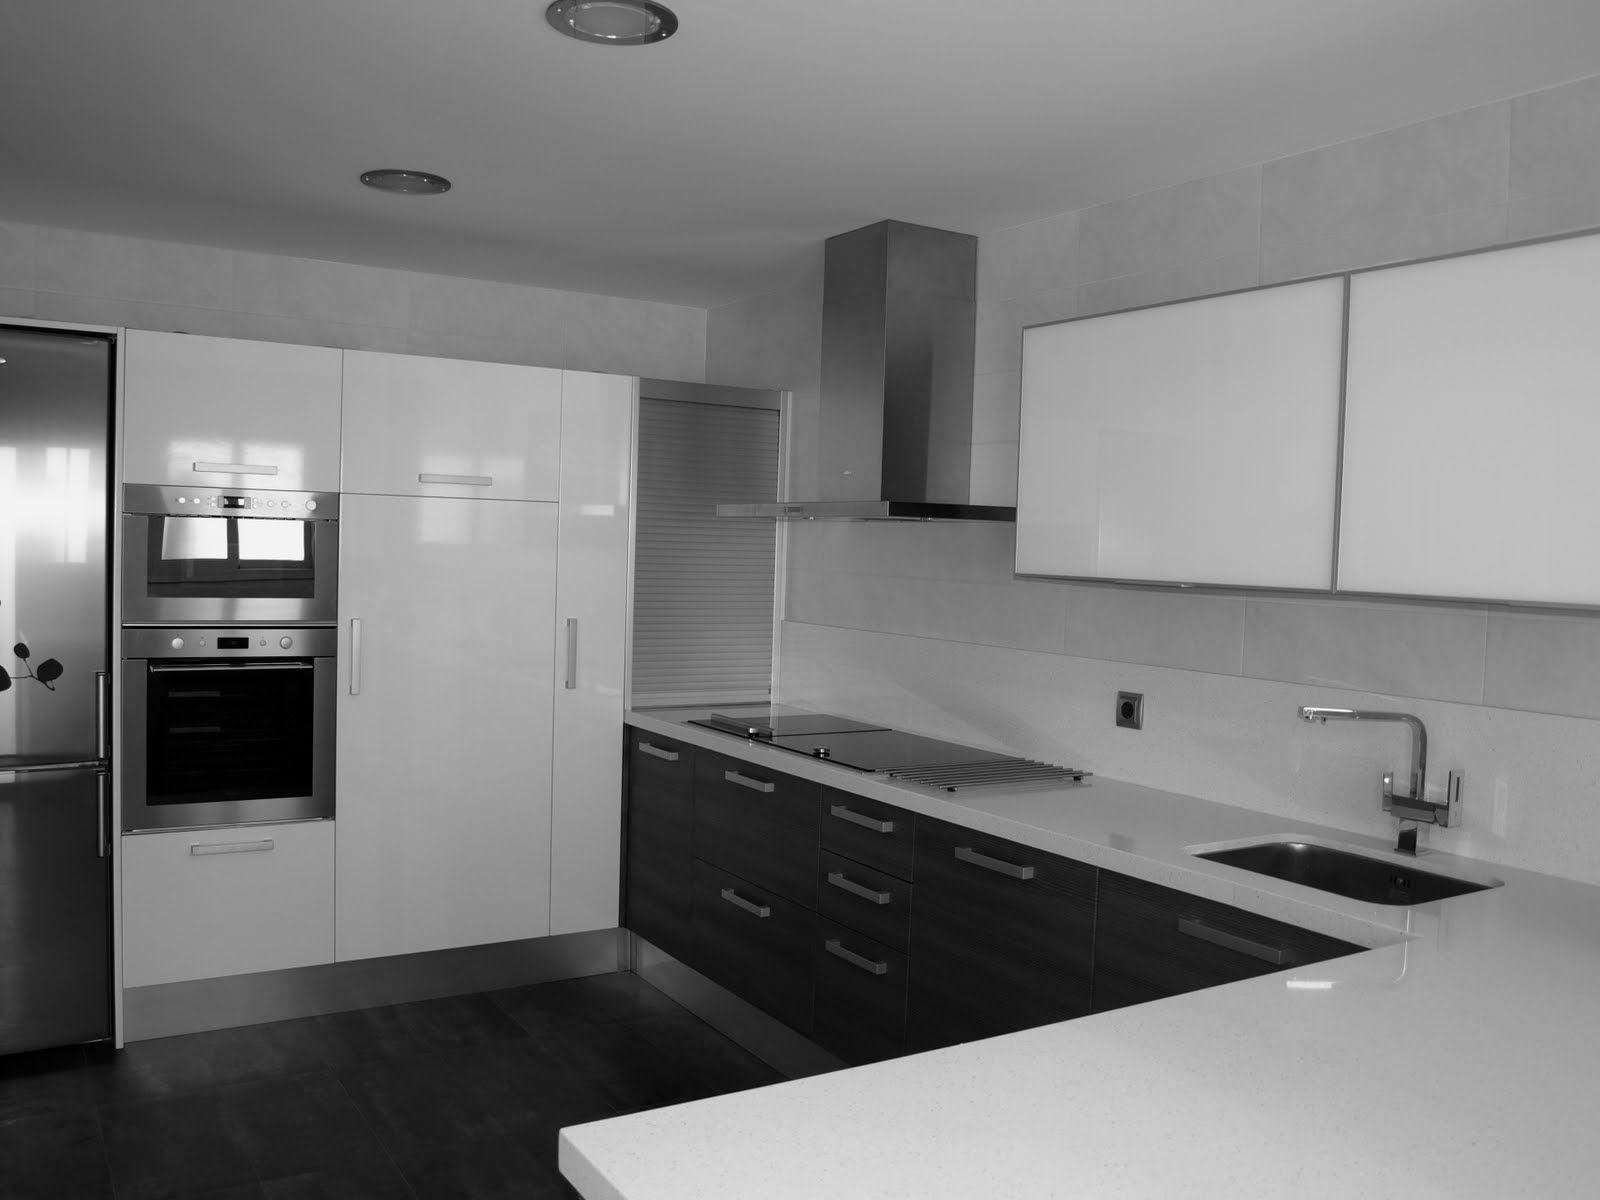 Cocina blanca suelo gris inspiraci n de dise o de for Cocinas con suelo gris oscuro